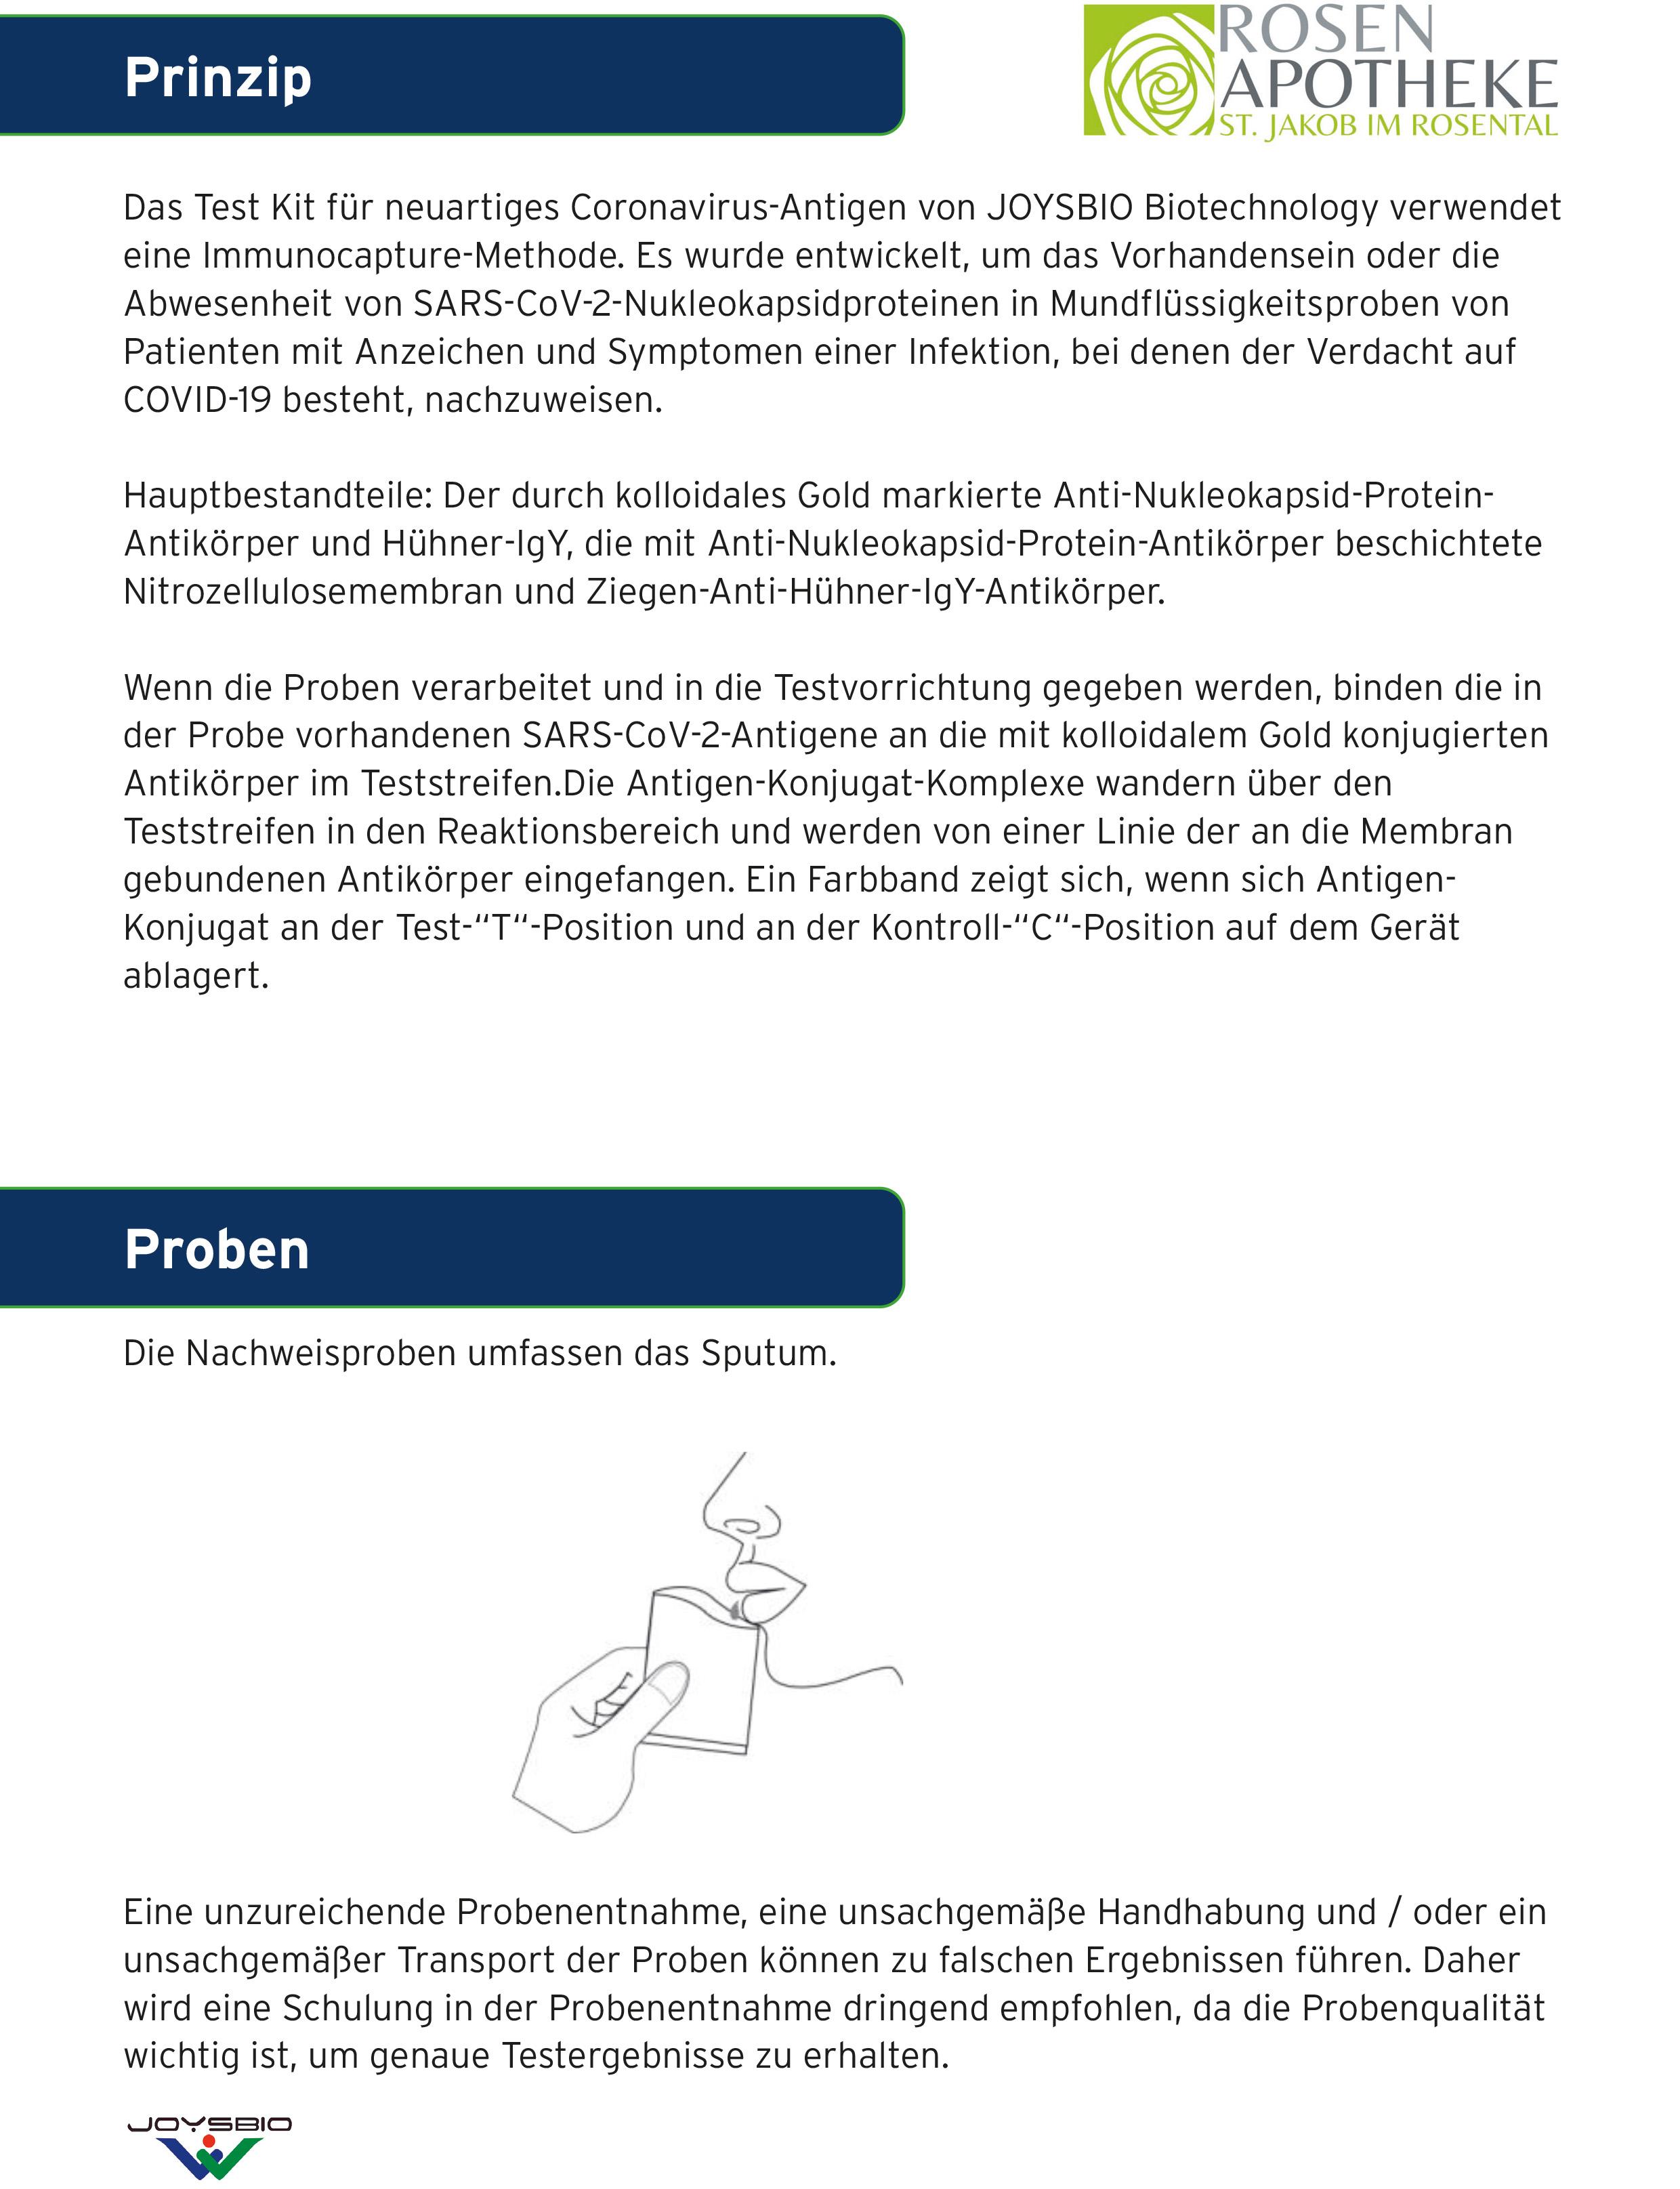 Joysbio SARS-CoV-2 Antigen Saliva - Speichel-Schnelltest